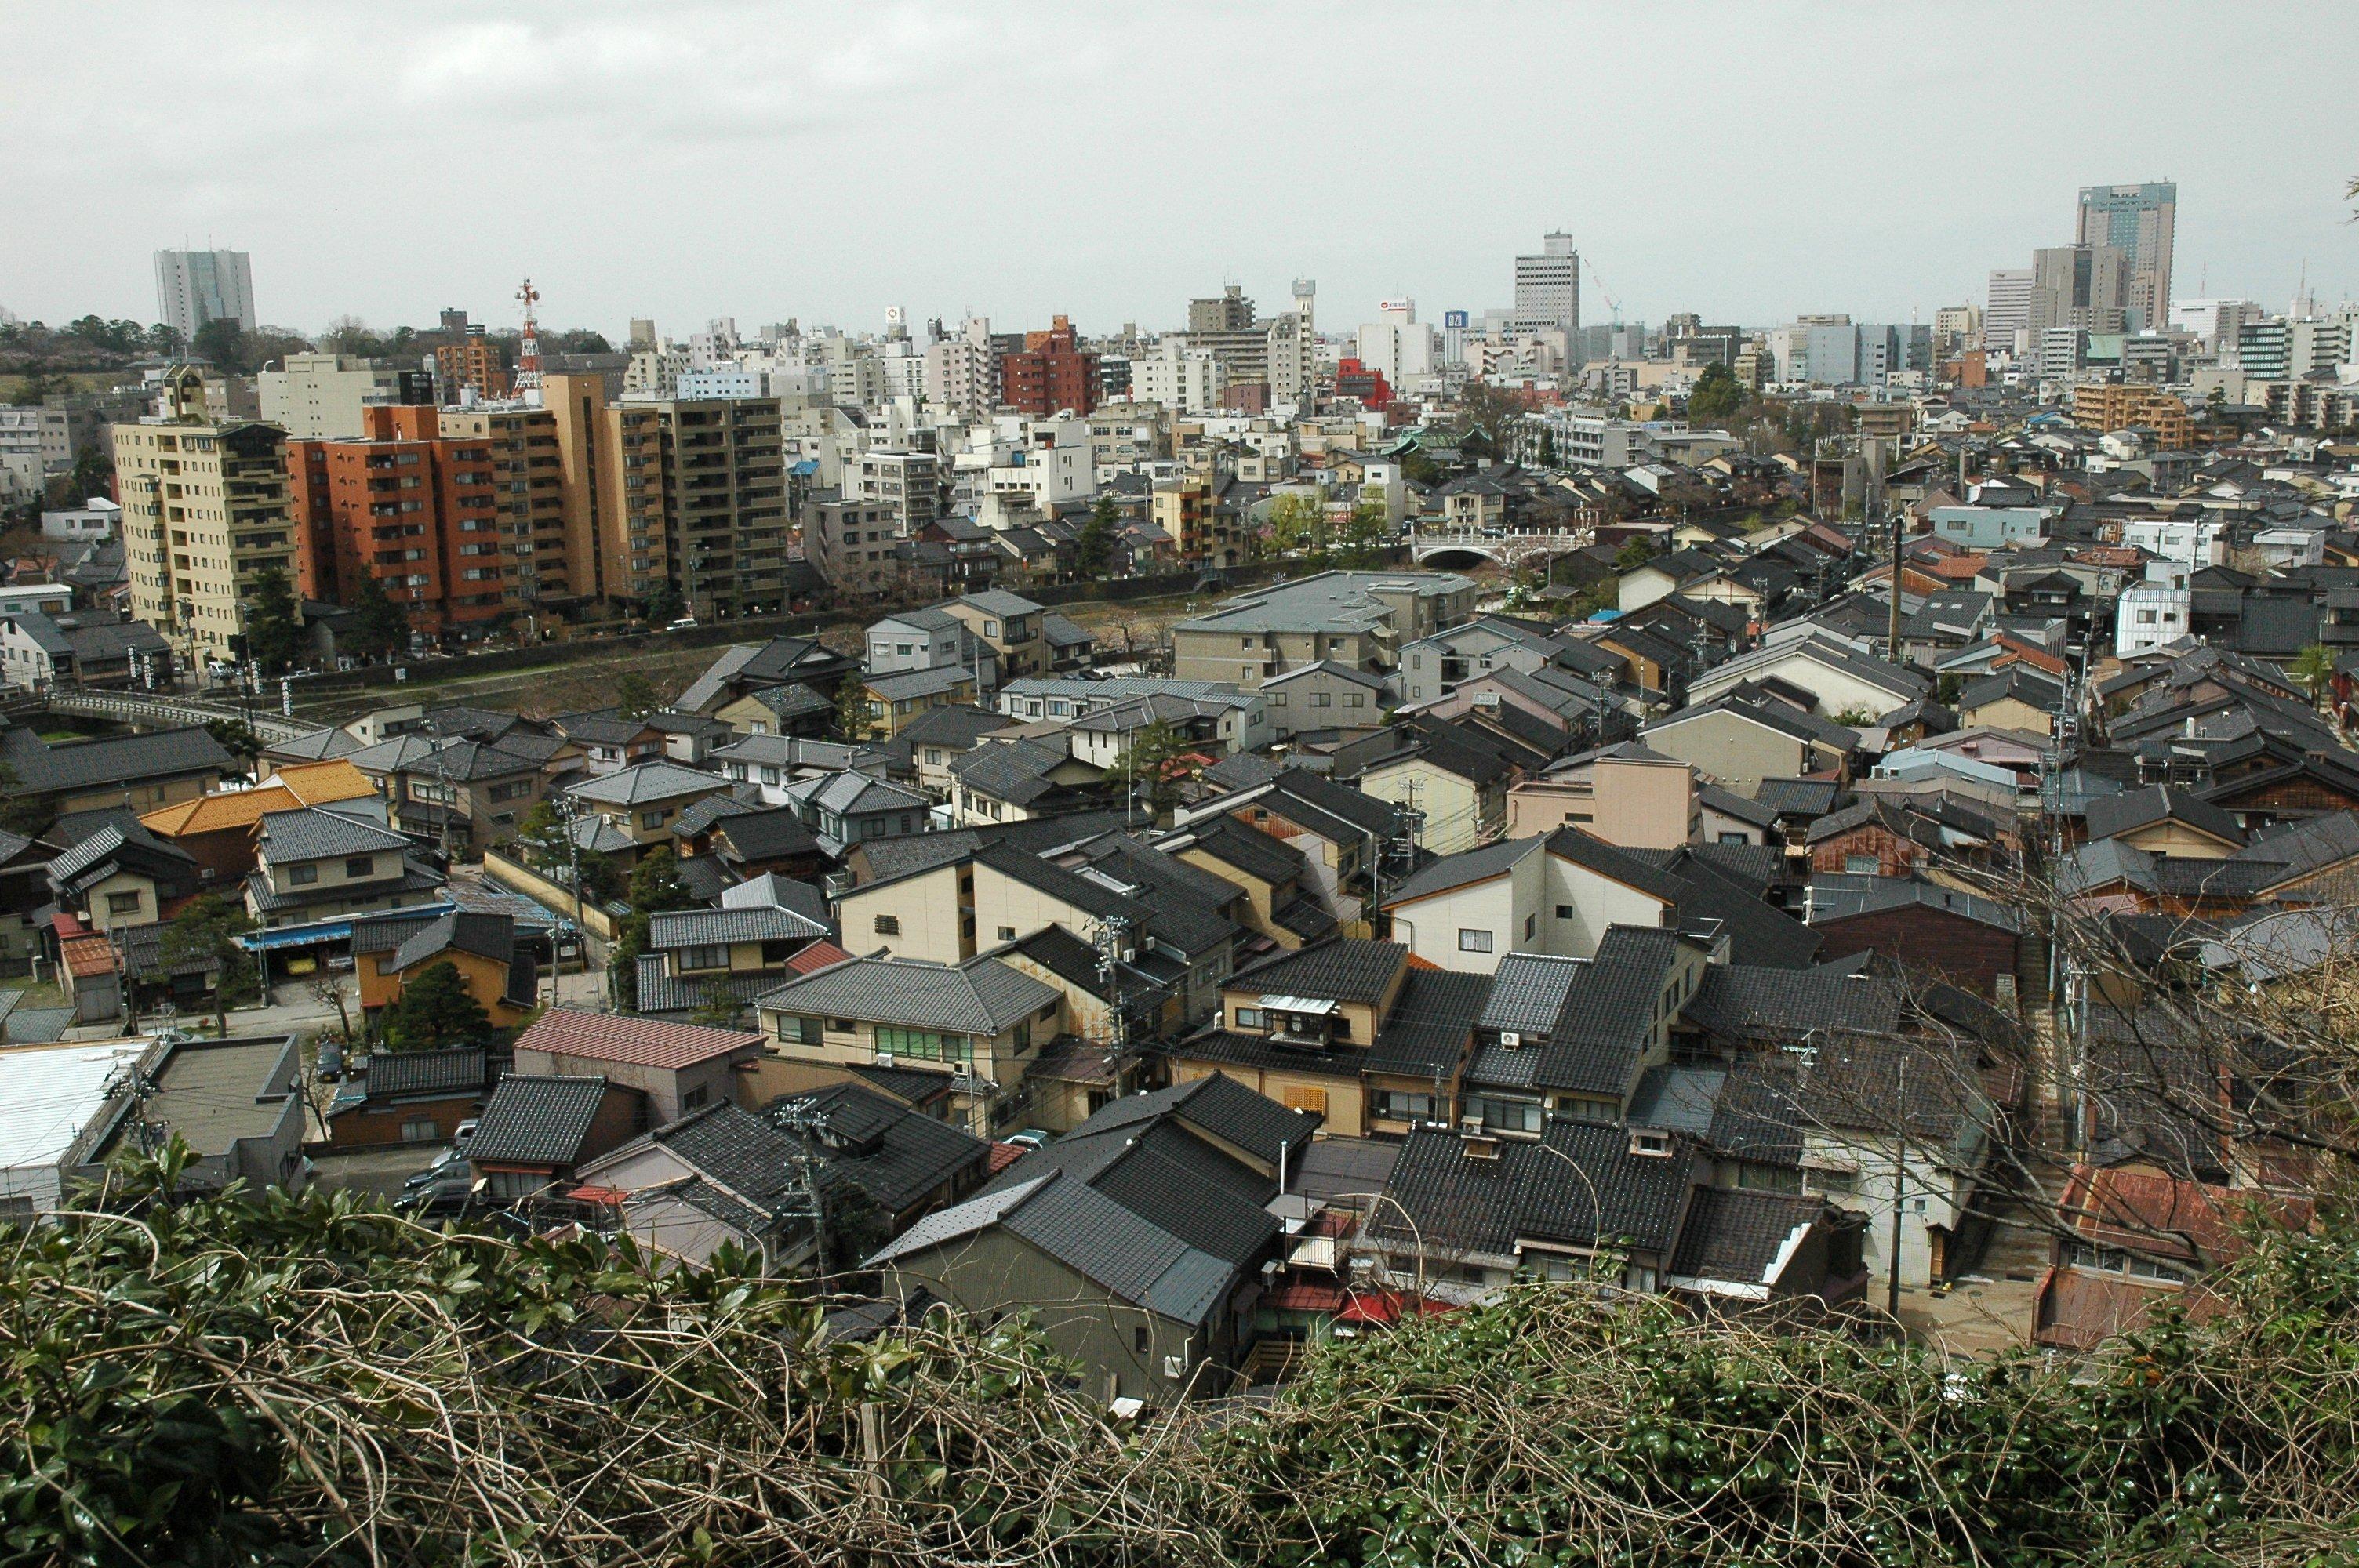 Kanazawa Japan  City new picture : Kanazawa, Japan